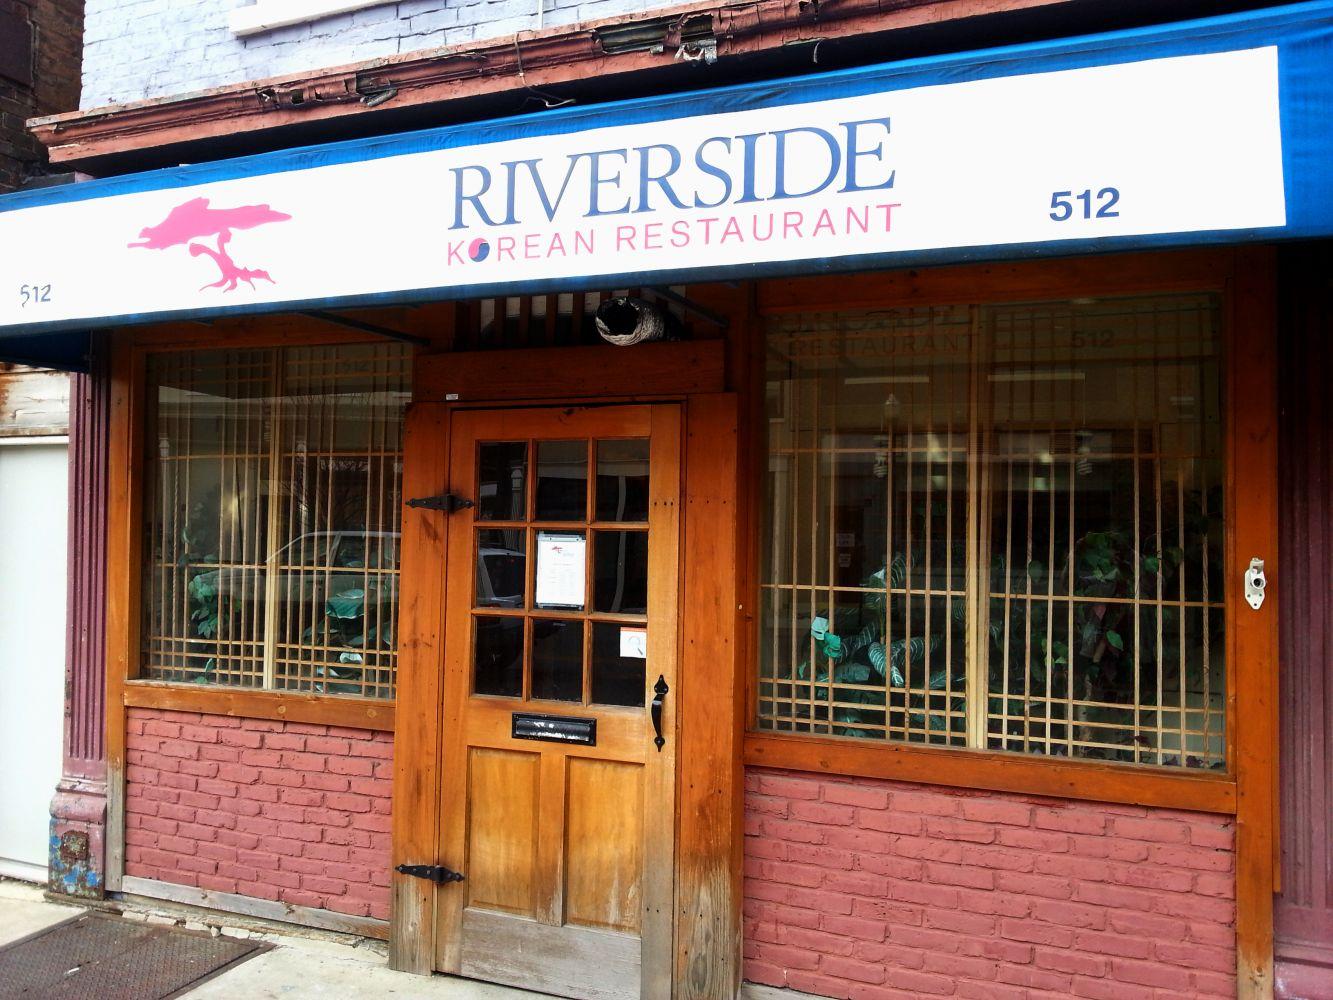 Riverside Korean Restaurant